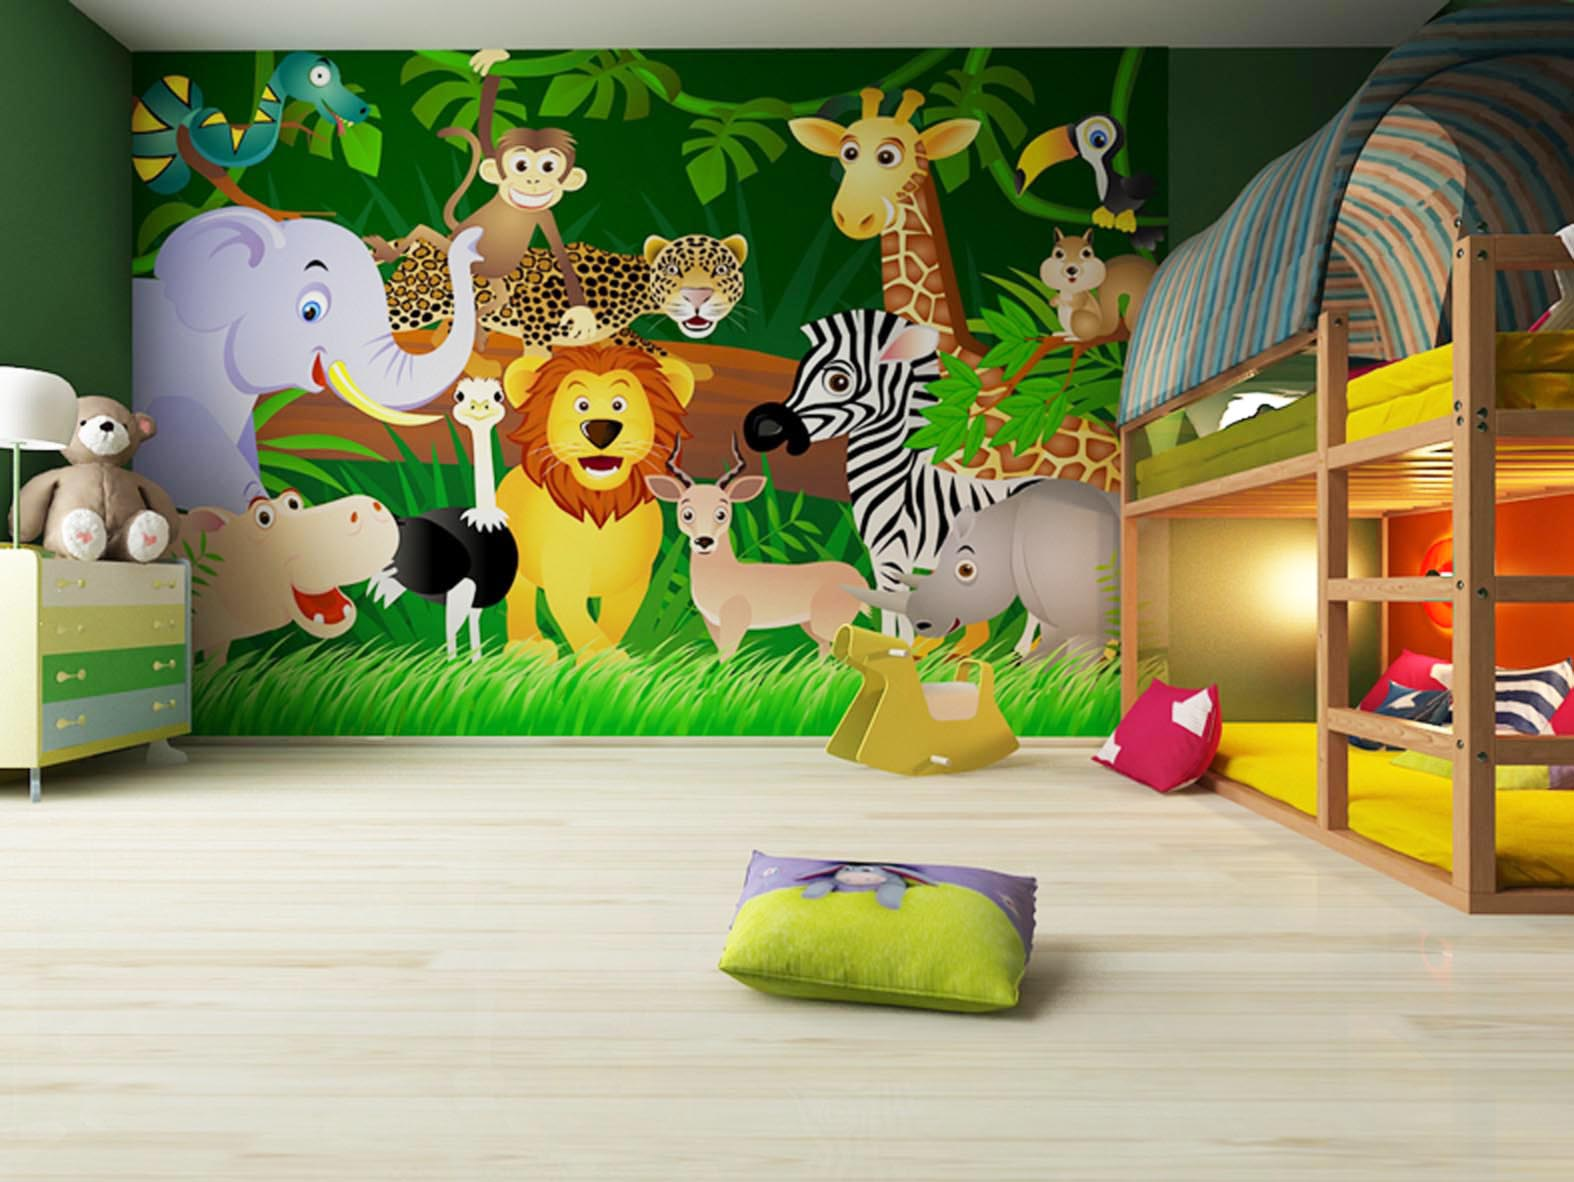 Παιδικές Φωτοταπετσαρίες / Murals for Kids